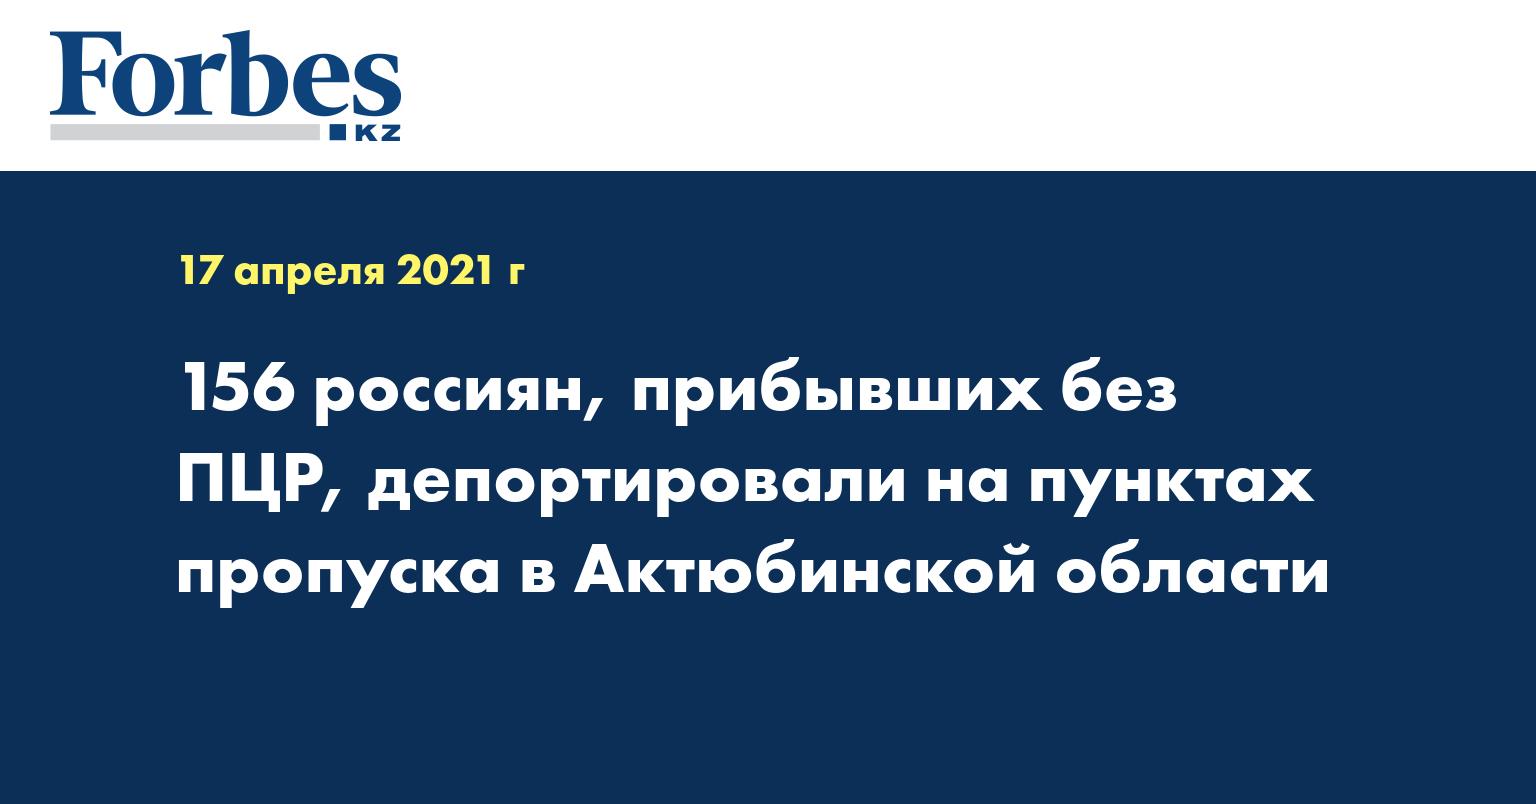 156 россиян, прибывших без ПЦР, депортировали на пунктах пропуска в Актюбинской области